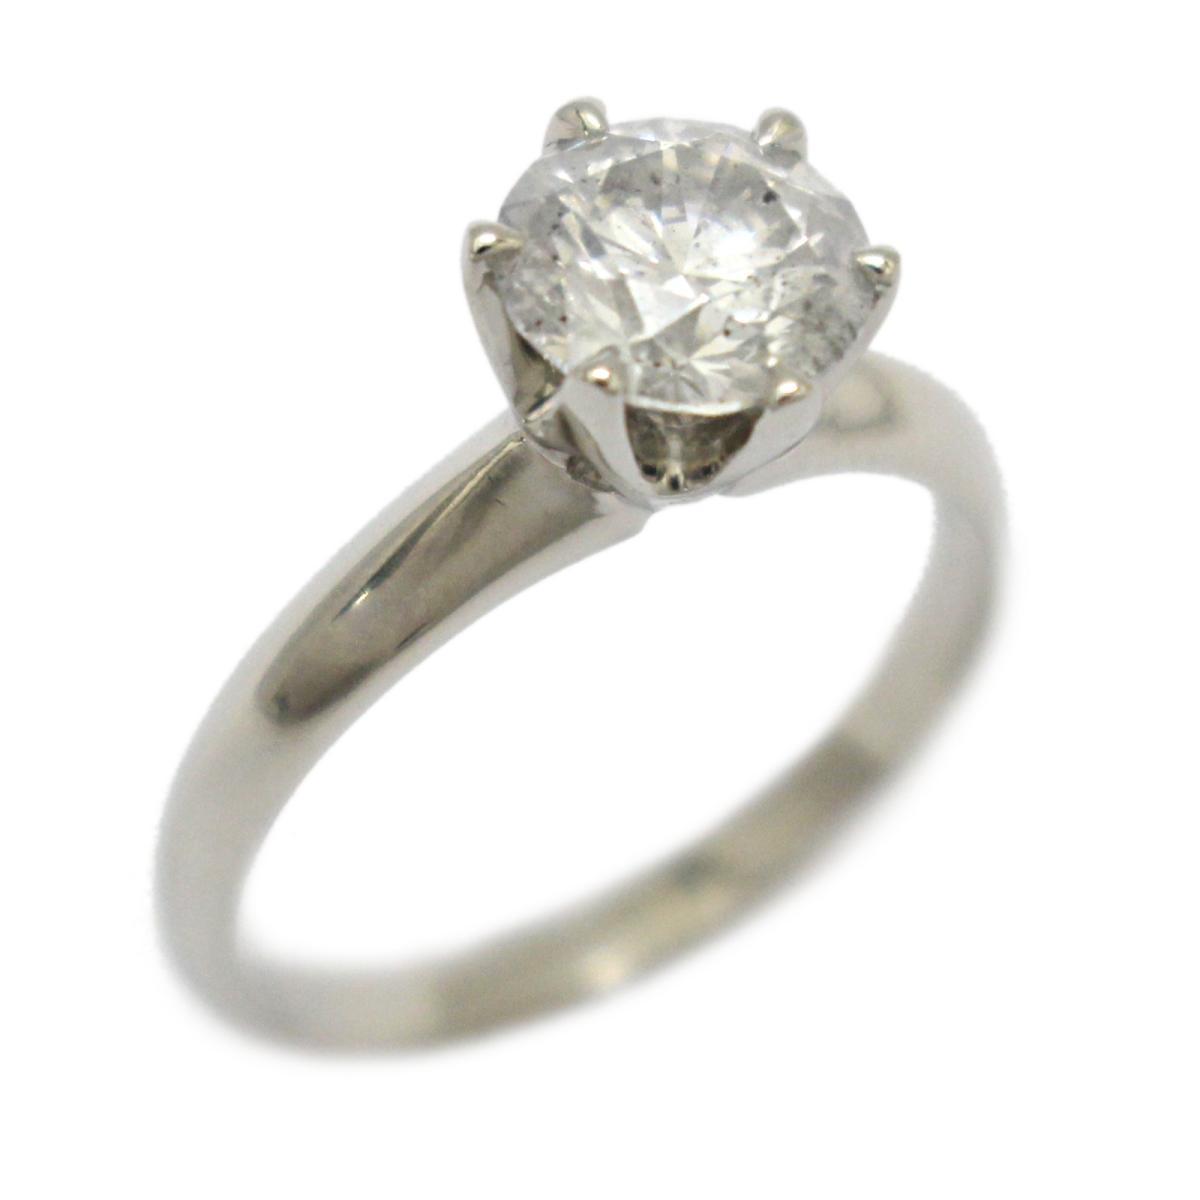 【中古】 ジュエリー ダイヤモンド リング 指輪 レディース PT900 プラチナ x (1.306)   JEWELRY BRANDOFF ブランドオフ ブランド アクセサリー